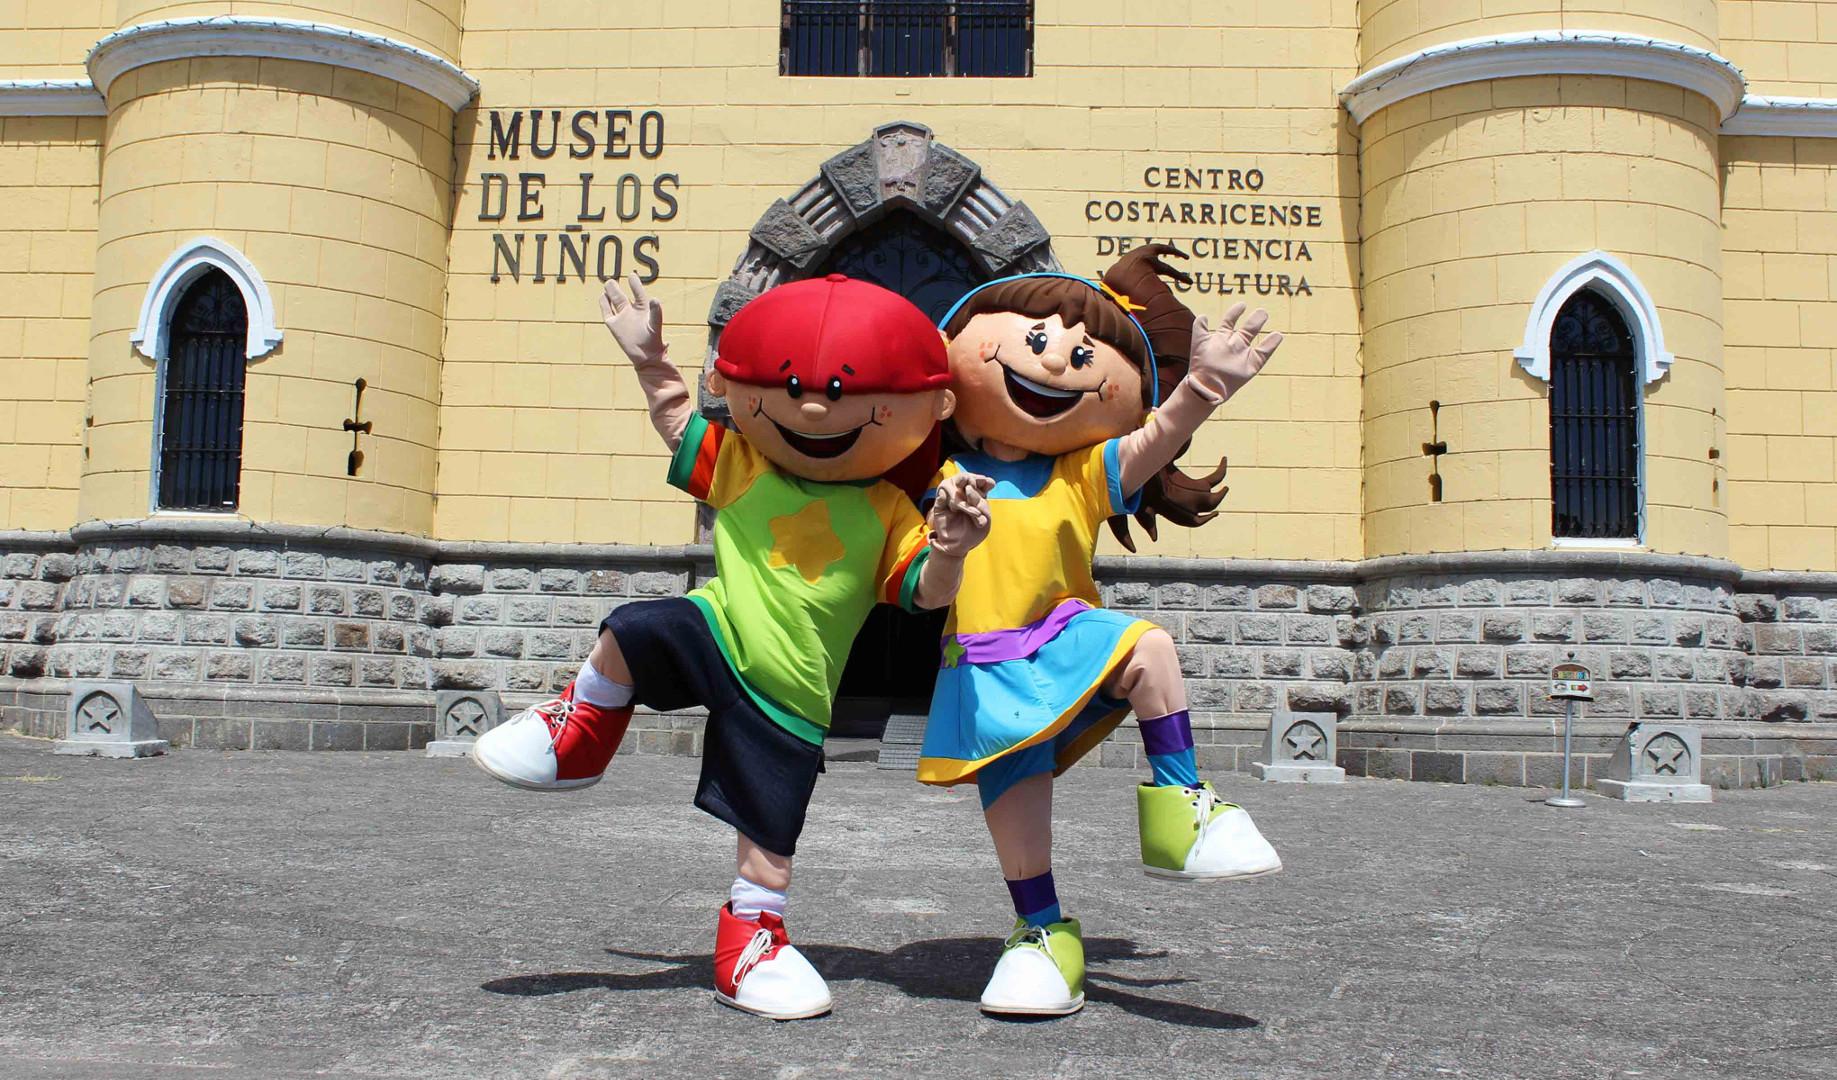 Children's museum in San José